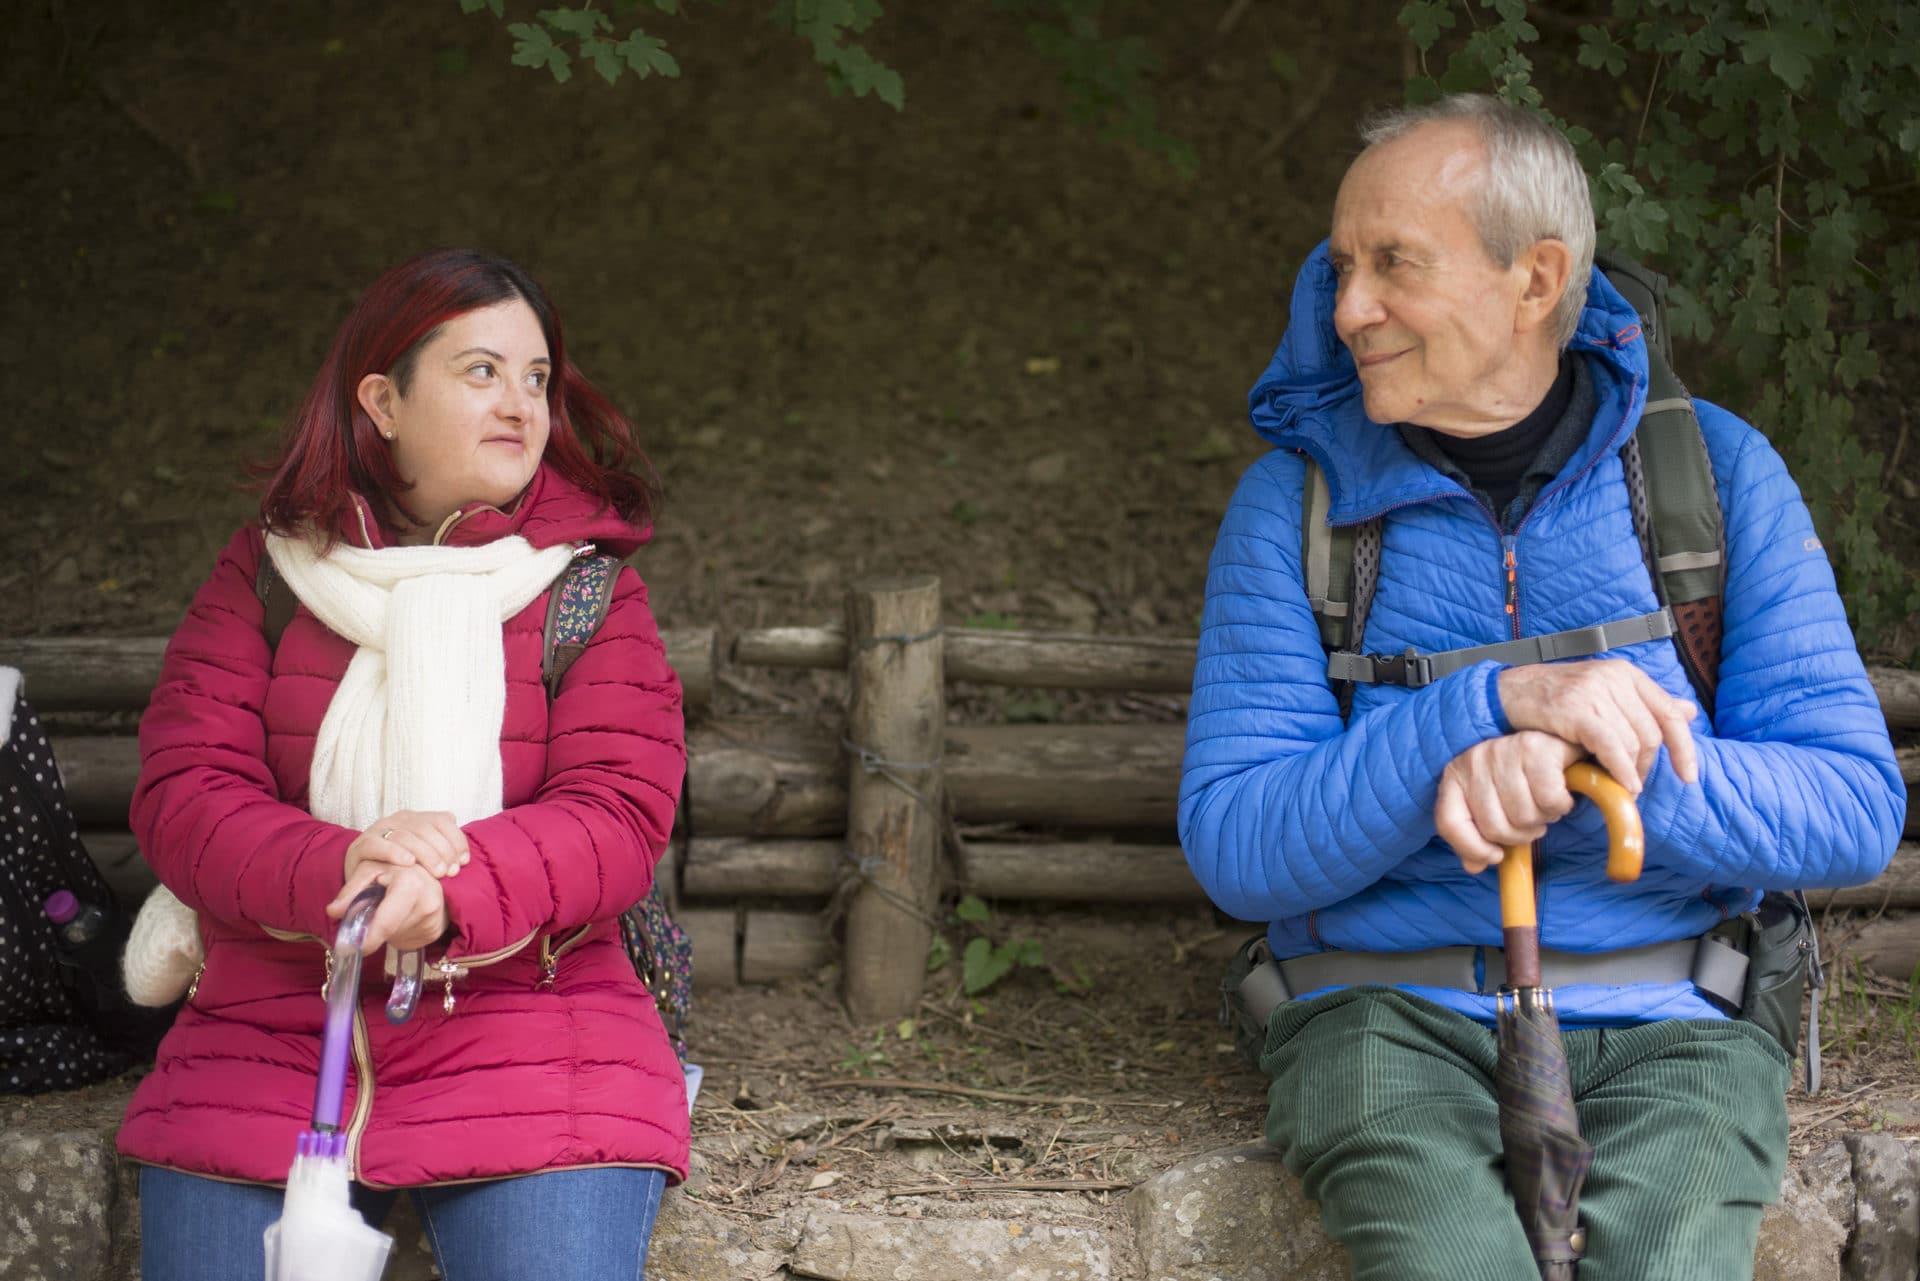 Dafne e il padre in viaggio in montagna in una scena del film